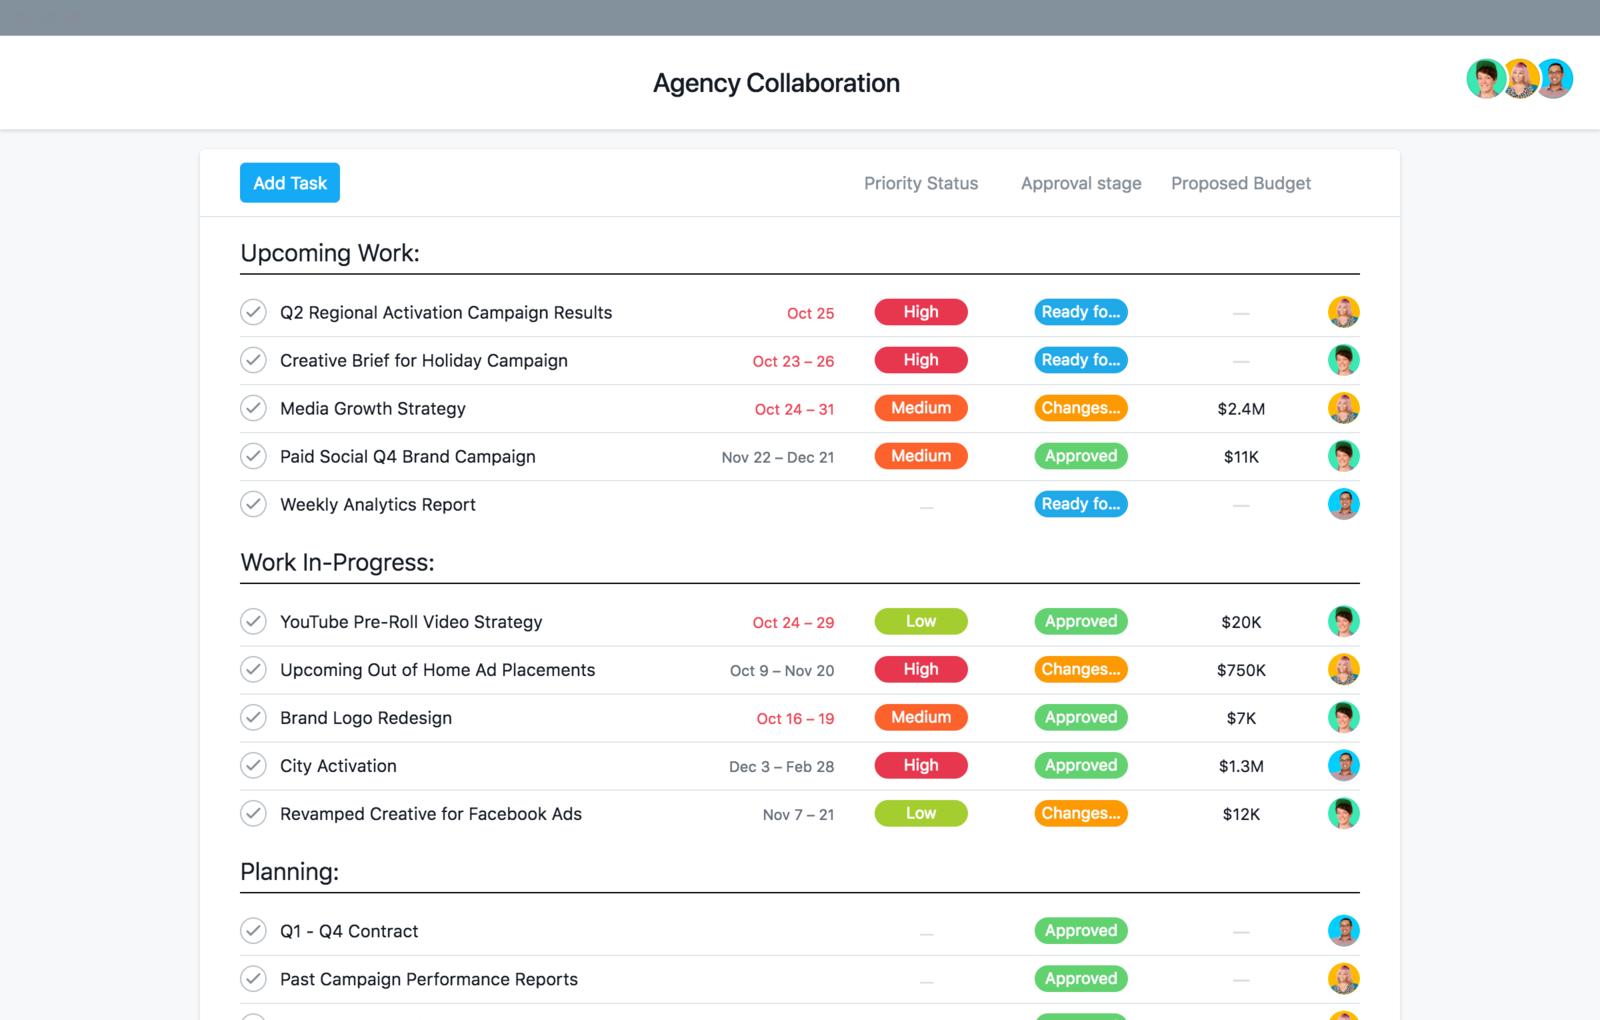 Modèle de collaboration avec agence